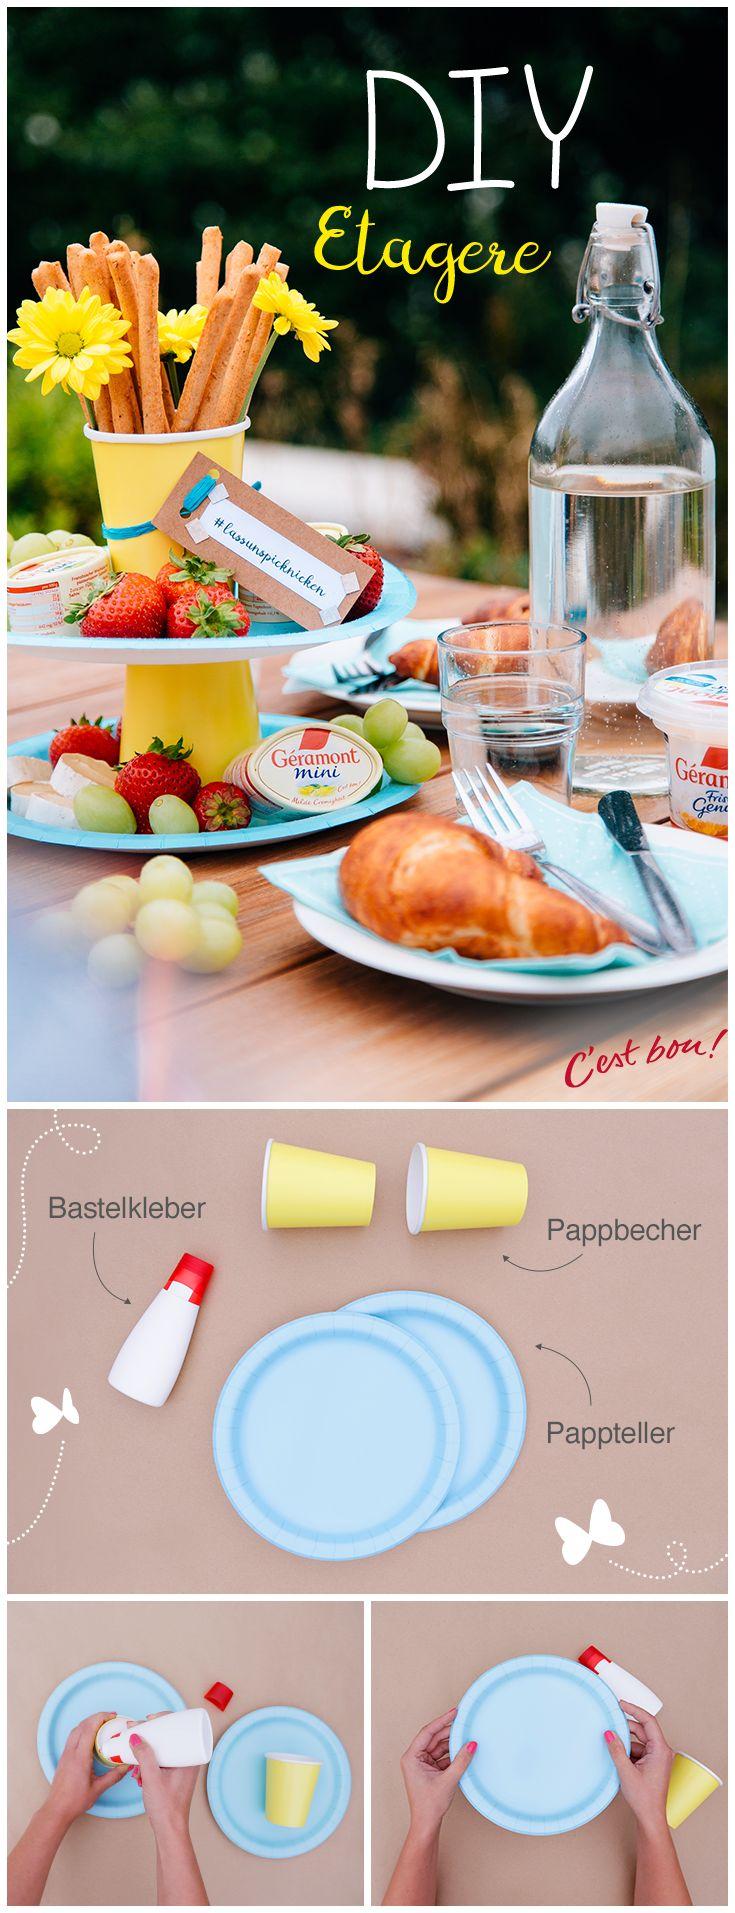 Eine selbstgemachte Etagere ist ein wunderbares Dekoelement auf jedem Frühstückstisch oder jeder Picknickdecke. Wir zeigen Euch in dieser DIY-Anleitung wie es ganz einfach geht. #geramontpicknickideen #lassunspicknicken #cestbon